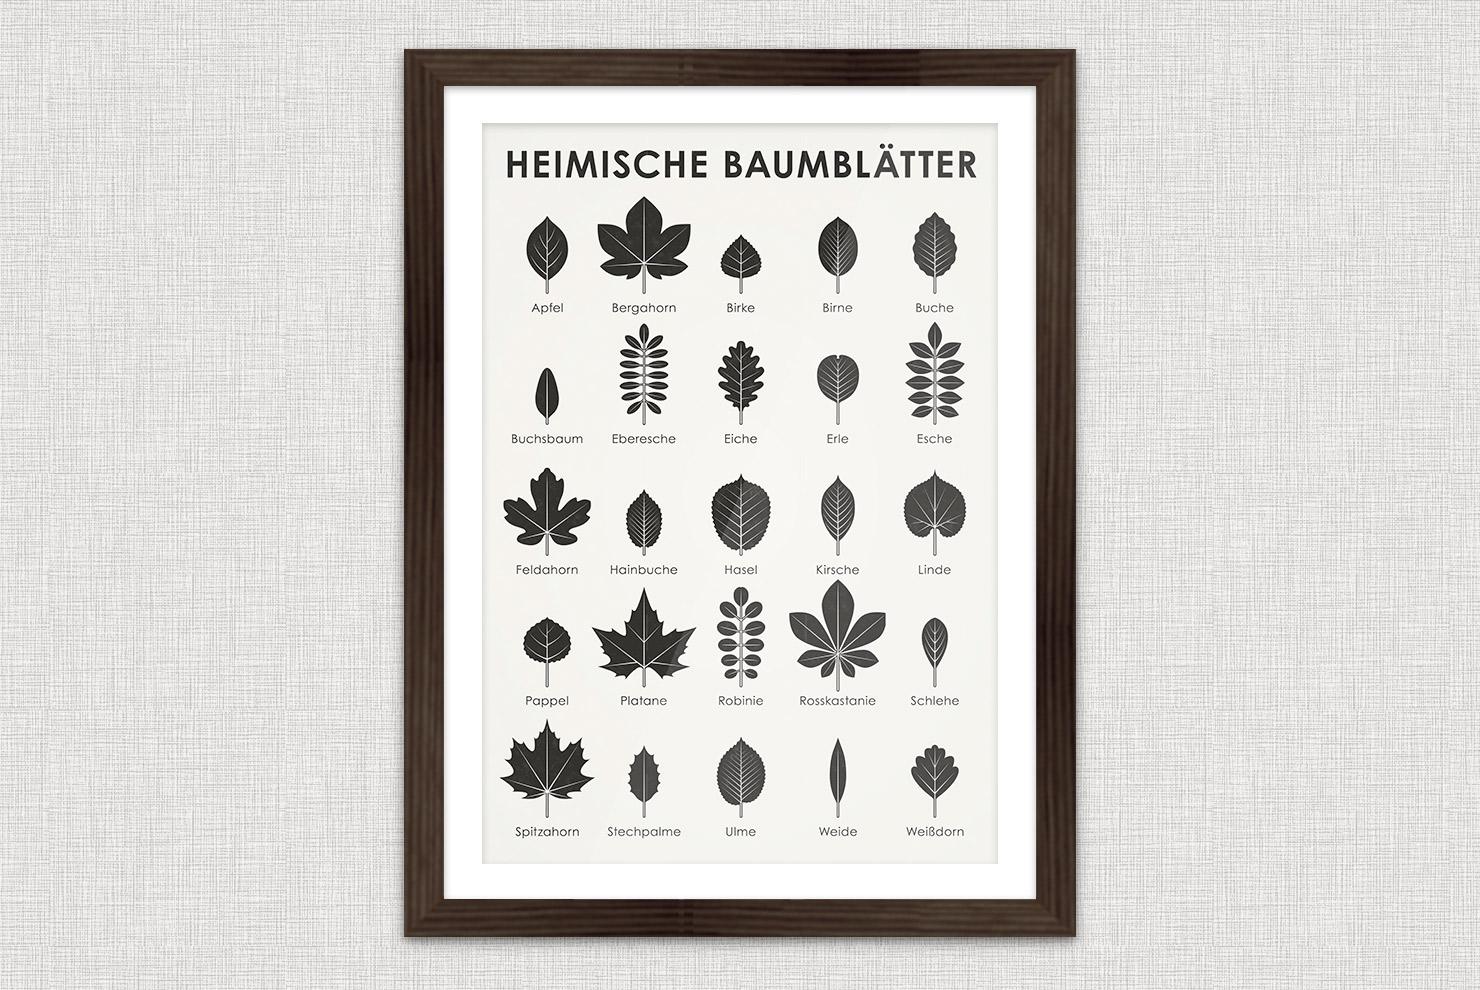 Poster mit einer gezeichneten Infografik zur Bestimmung heimischer Blattformen und der Blätter von Bäumen wie Apfelbaum, Bergahorn, Birke, Birnbaum, Buche, Buchs, Eberesche, Eiche, Erle, Esche, Feldahorn, Hainbuche, Hasel, Linde, Pappel, Platane, Robinie, Kastanie, Schlehe, Spitzahorn, Stechpalme, Ulme, Weide oder Weißdorn im Retro-Schulbuch-Stil